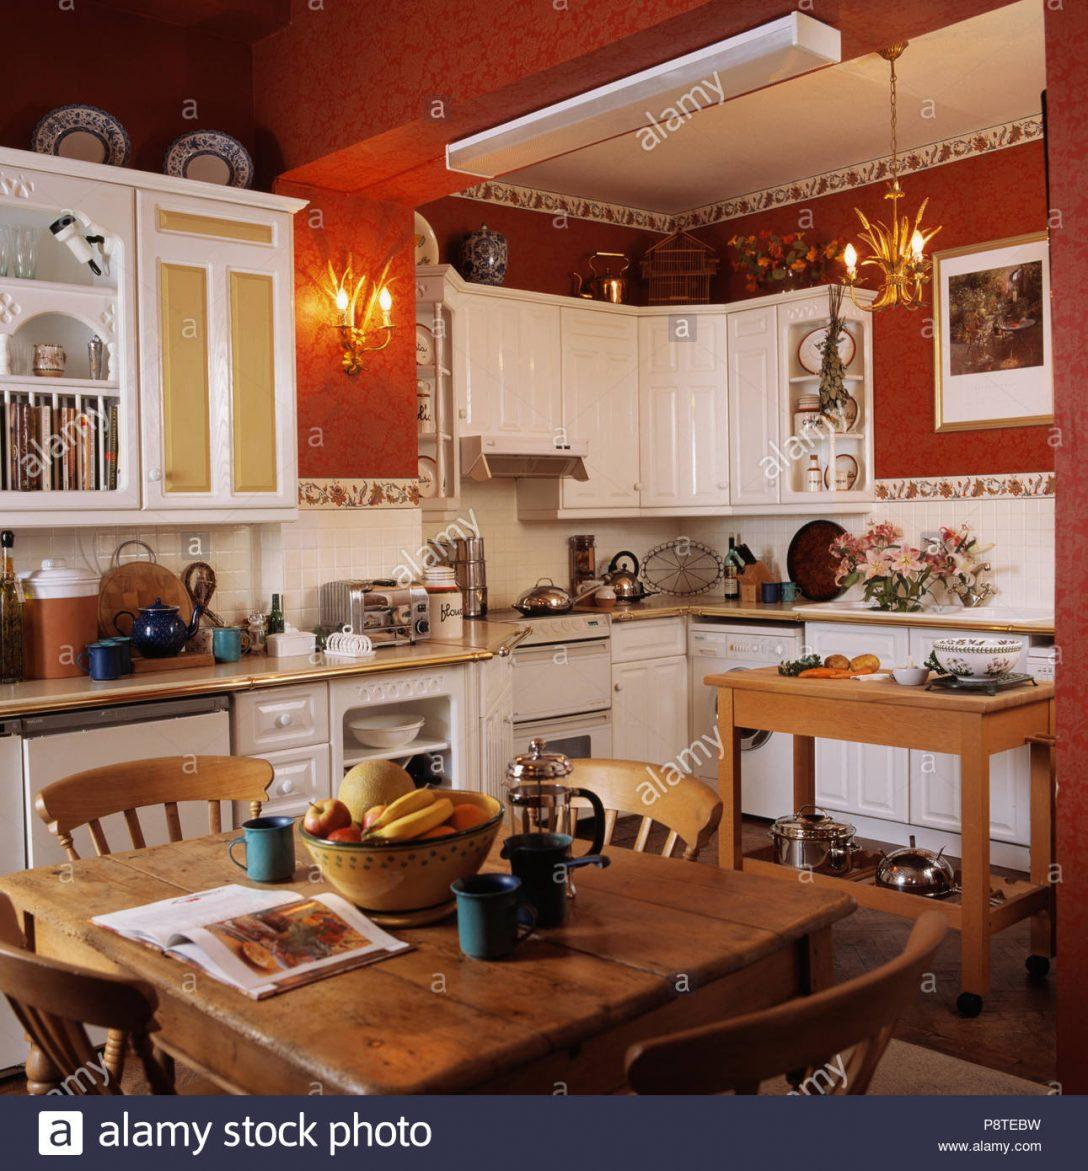 Large Size of Spritzschutz Tapete Küche Landhaus Tapete Küche Wasserabweisende Tapete Küche Geeignete Tapete Küche Abwaschbar Küche Tapete Küche